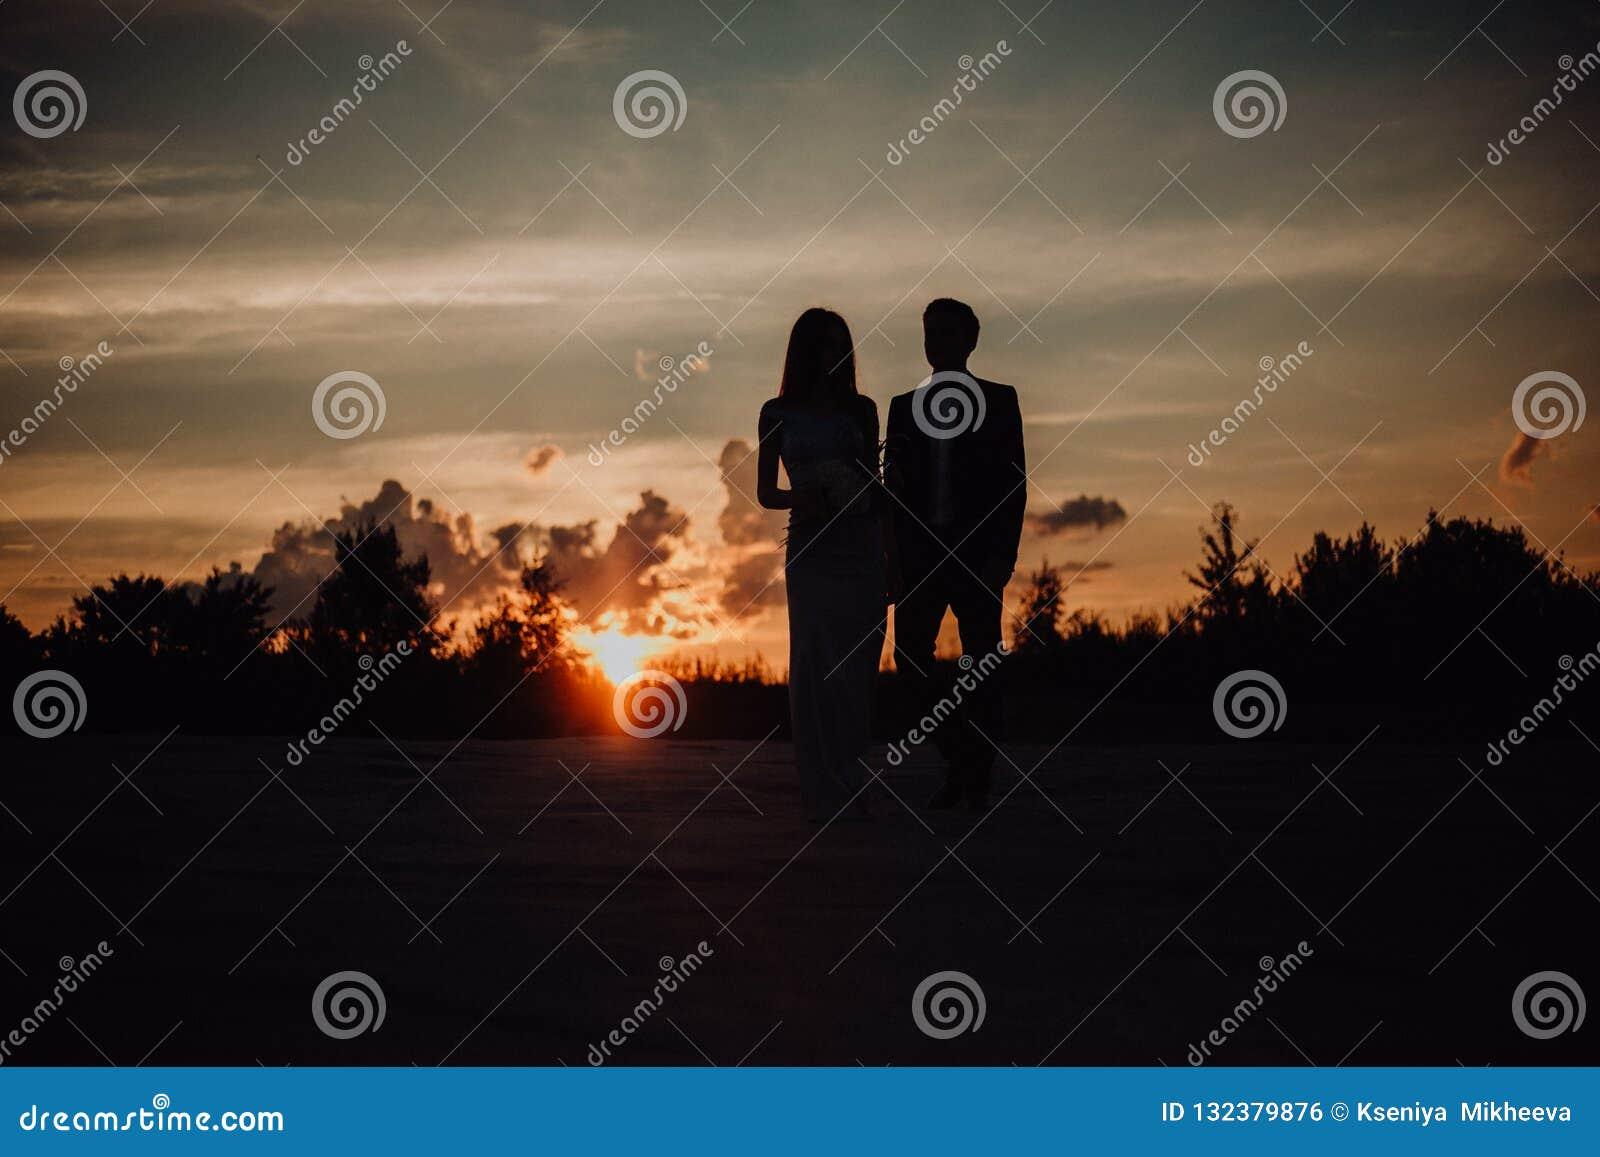 ζεύγος σκιαγραφιών του προκλητικού κοριτσιού φιλιών τύπων στην άμμο στο κλασικό φόρεμα δέντρα και ουρανός στο υπόβαθρο